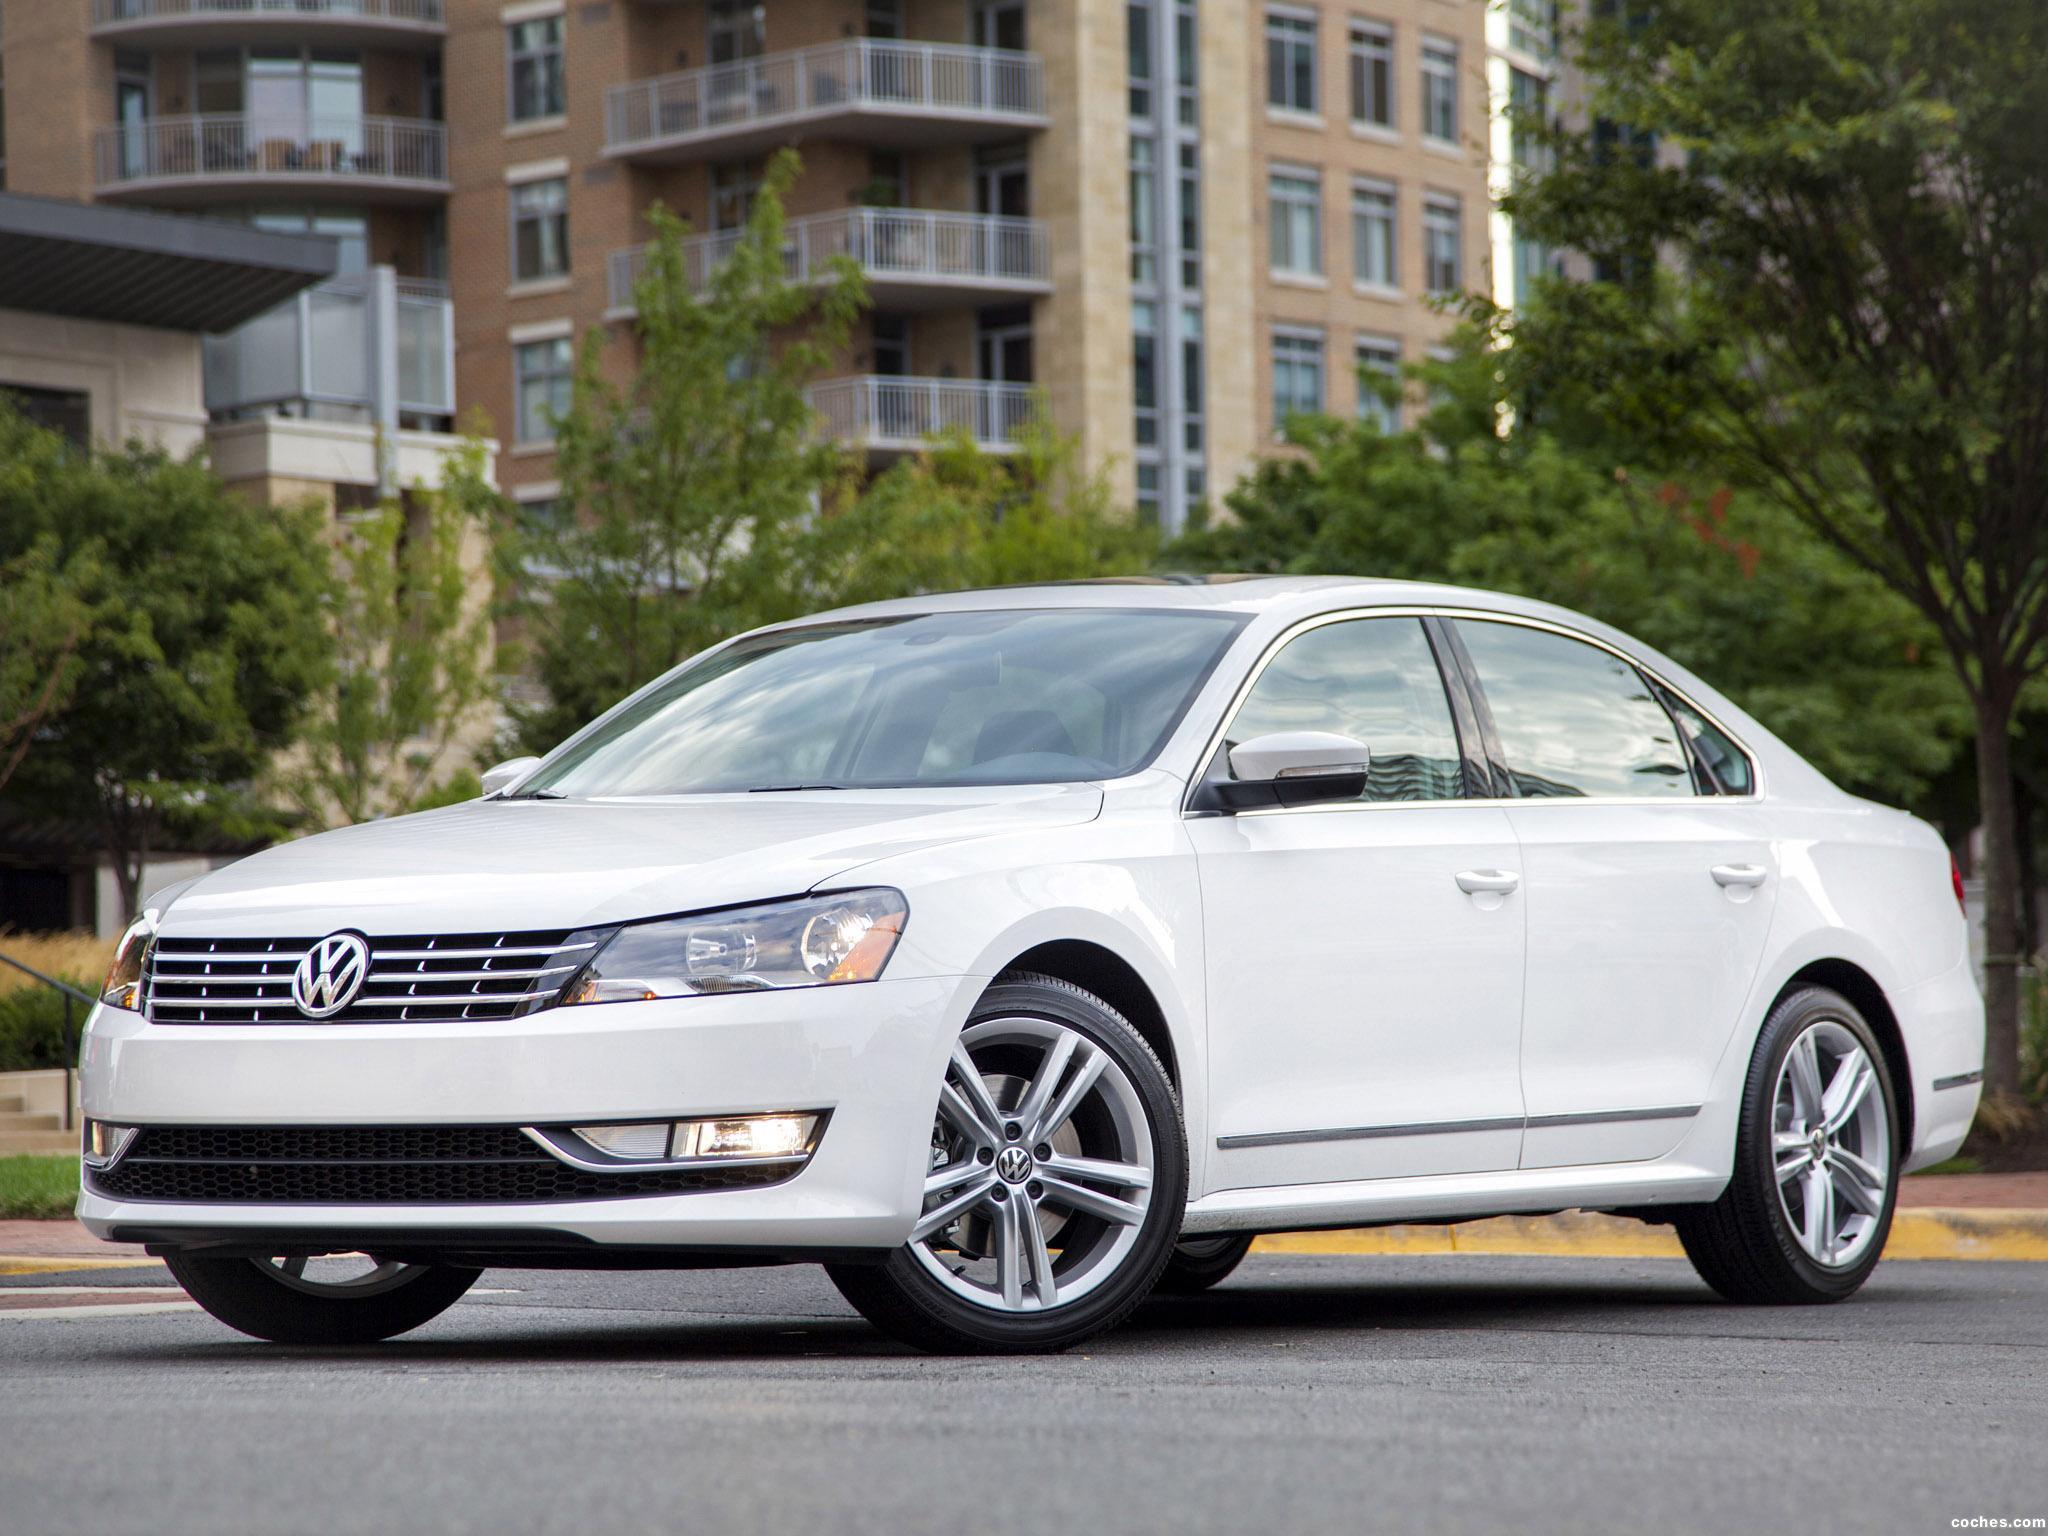 Foto 0 de Volkswagen Passat TDI USA 2012